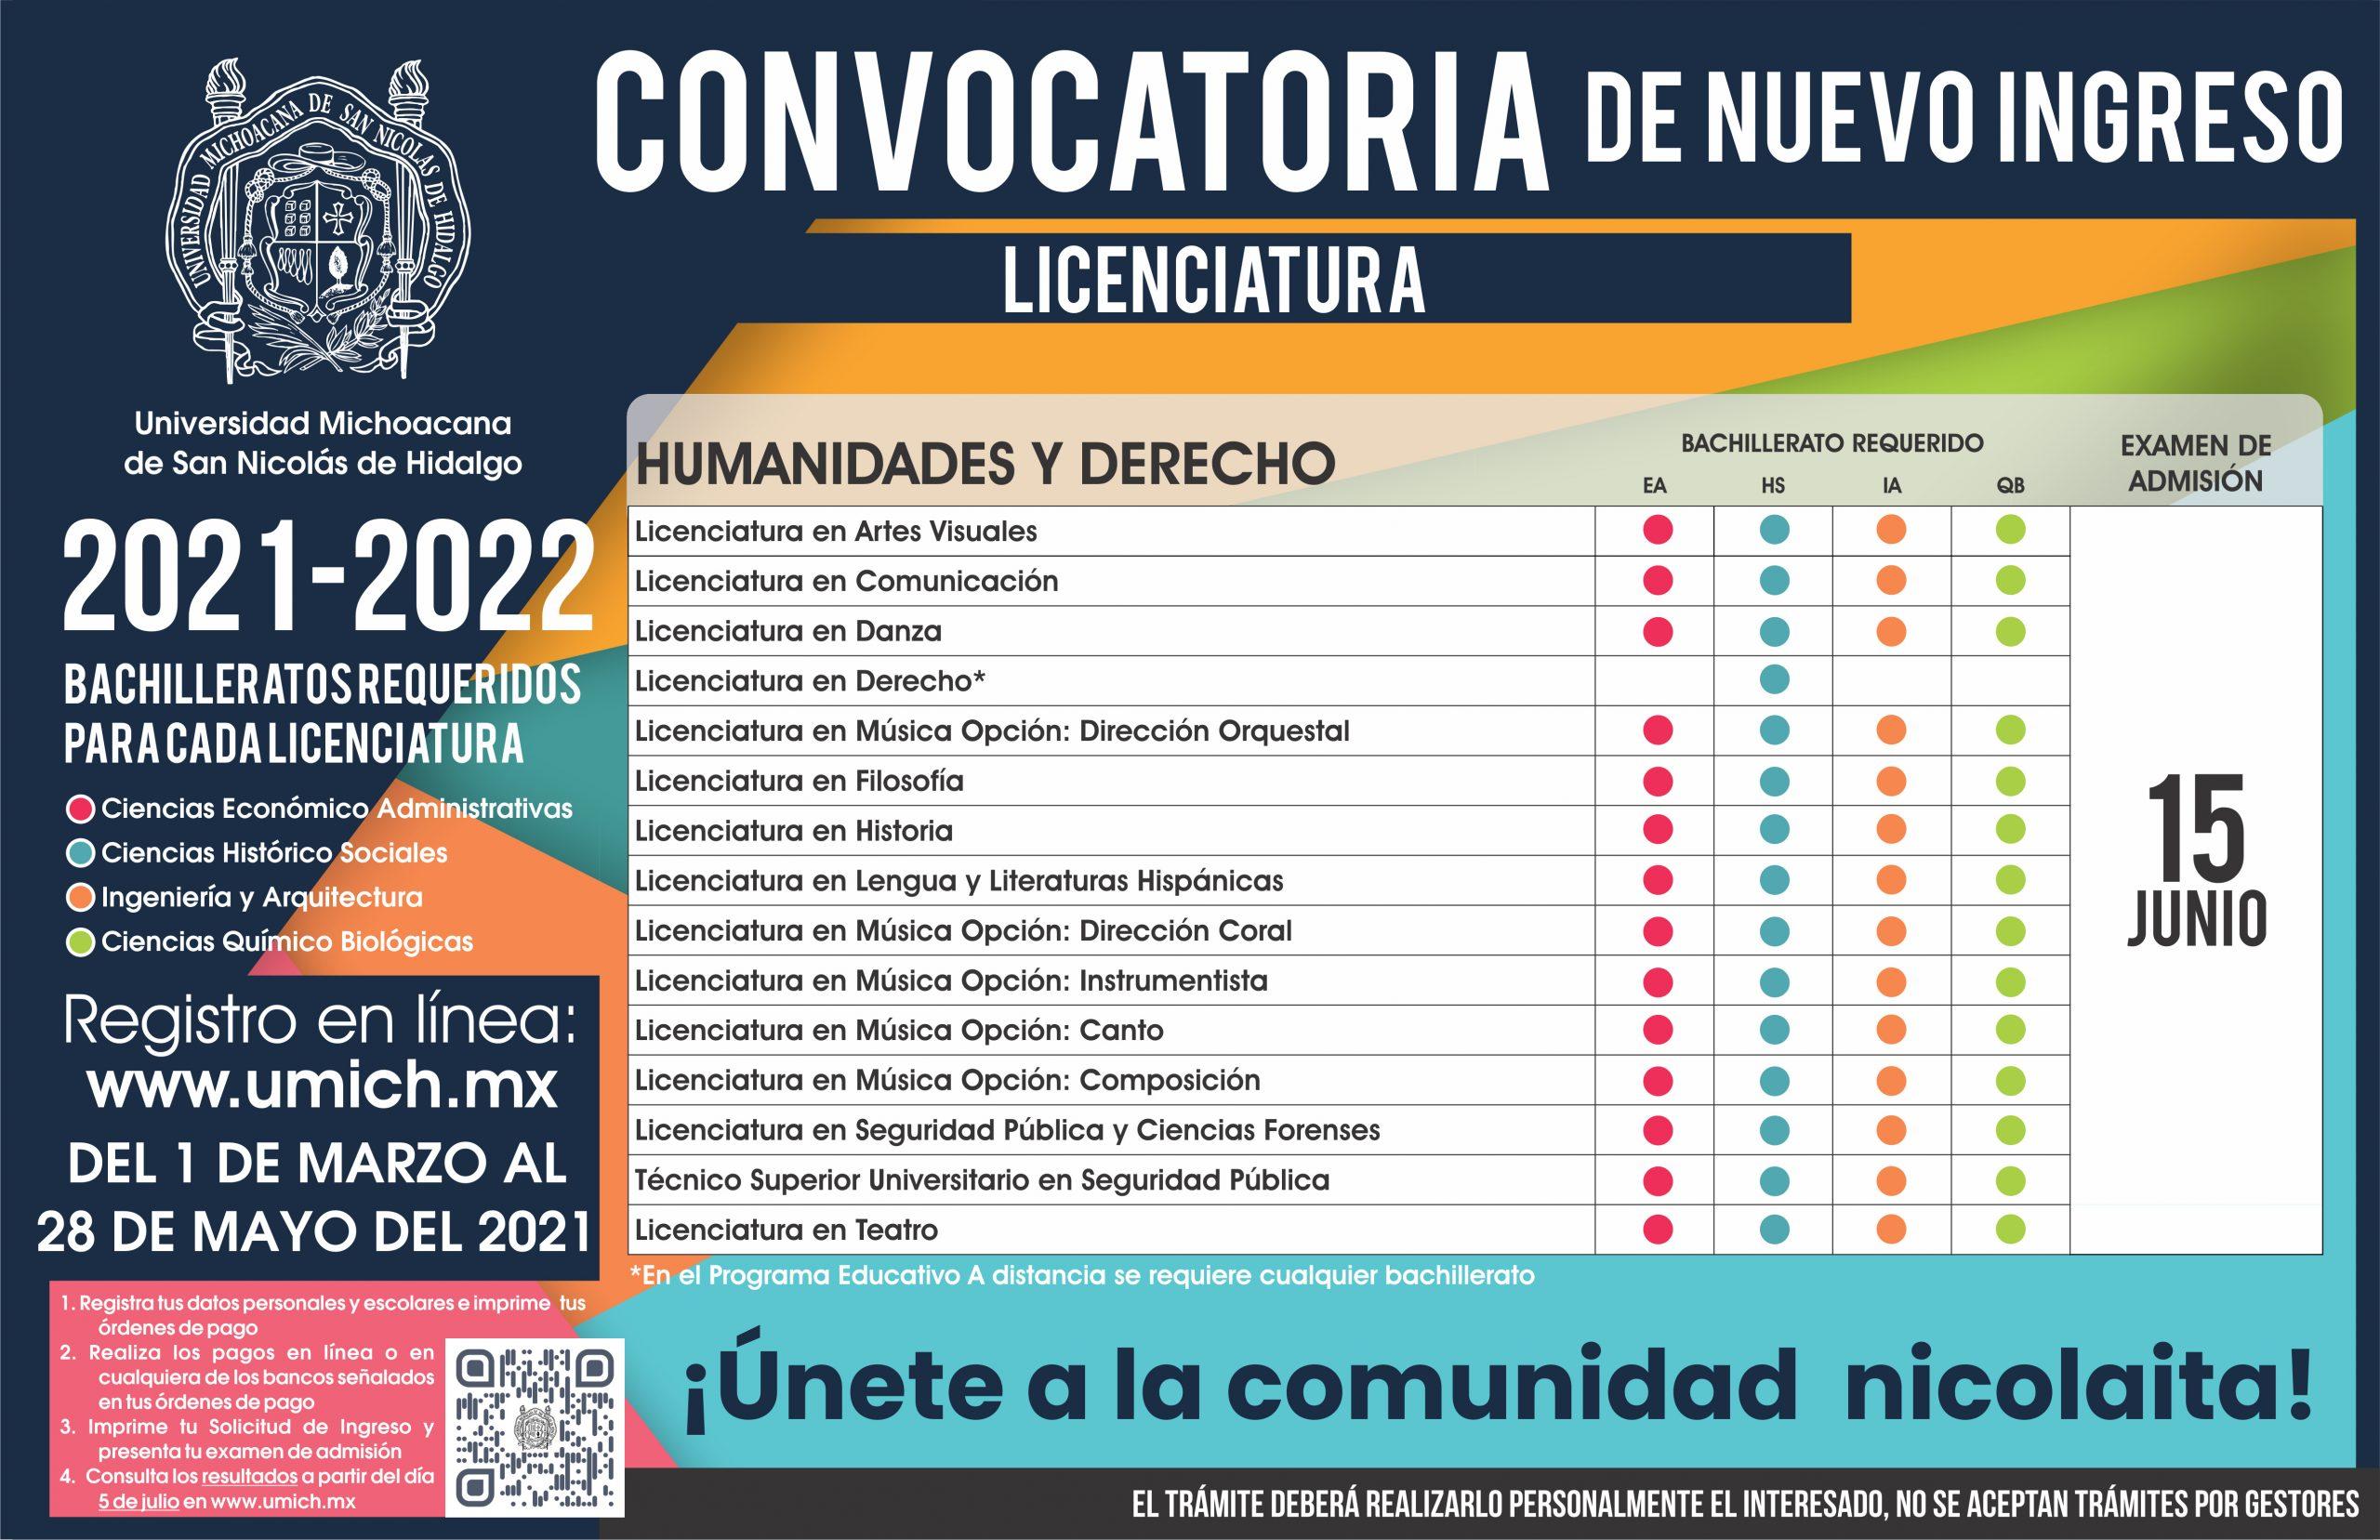 Licenciaturas que ofrece la UMSNH en el área de las Humanidades